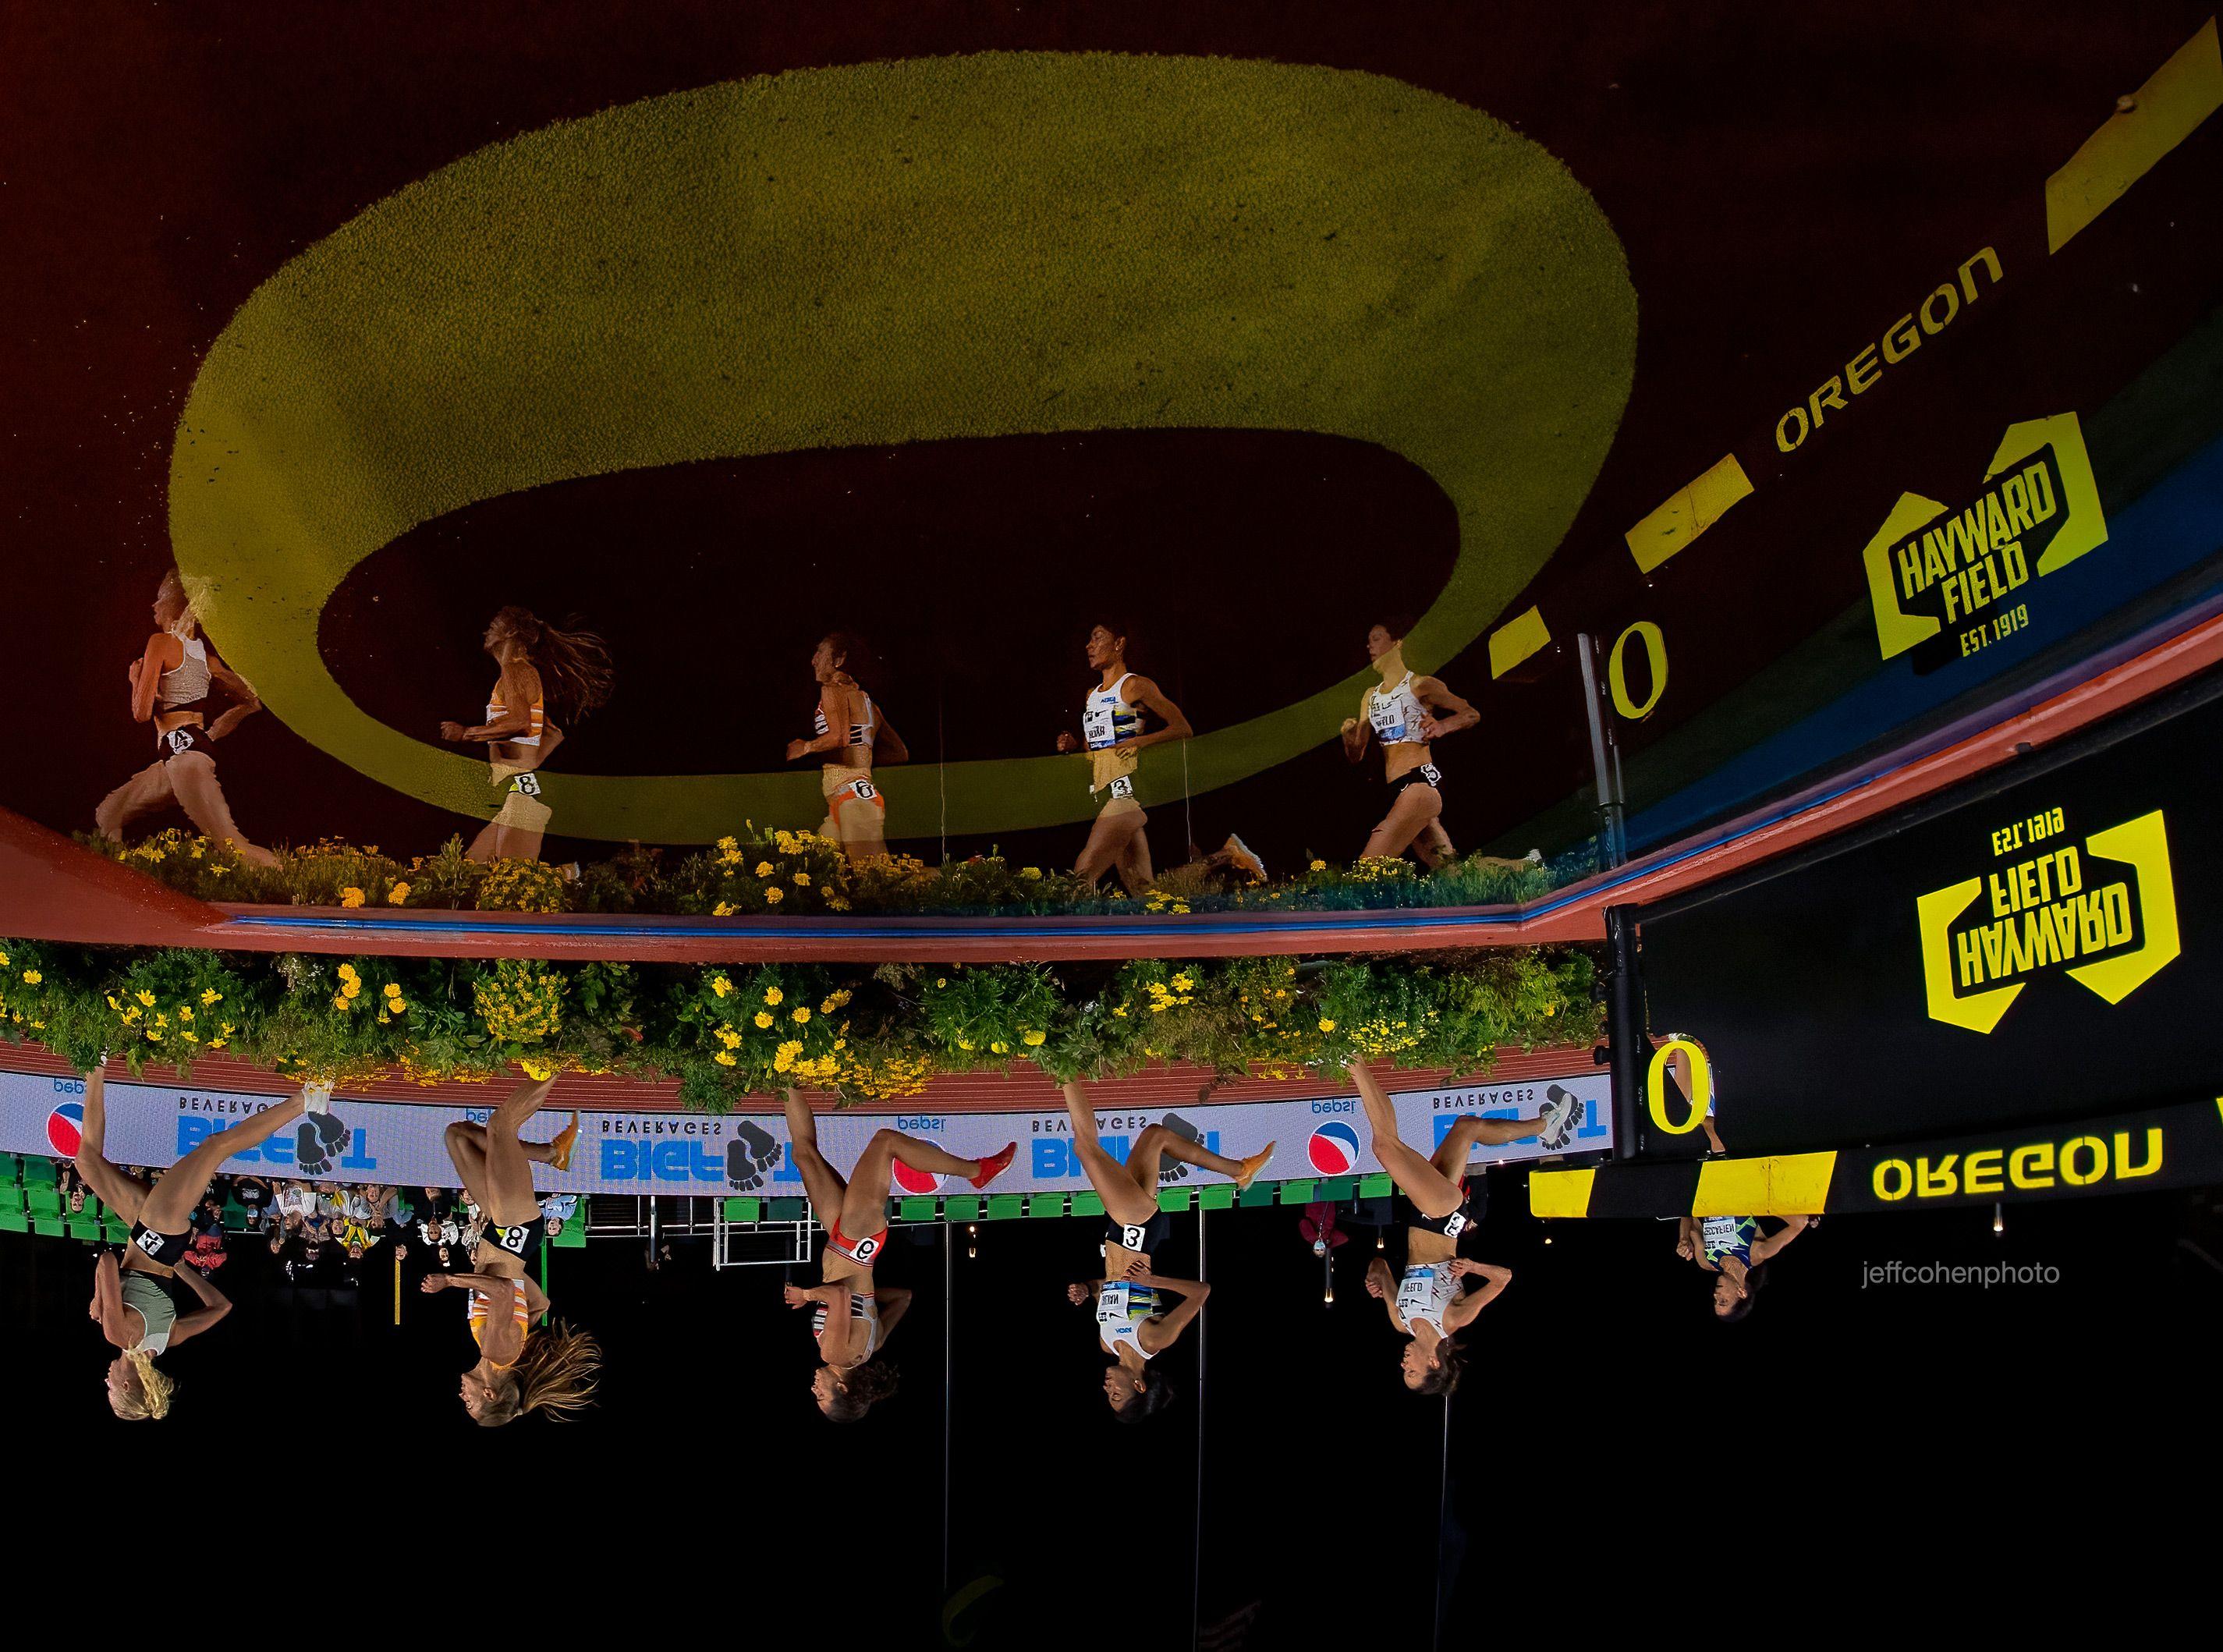 5000w-reflection-2021-PRE-night--1524-jeff-cohen-photo---copy-web.jpg